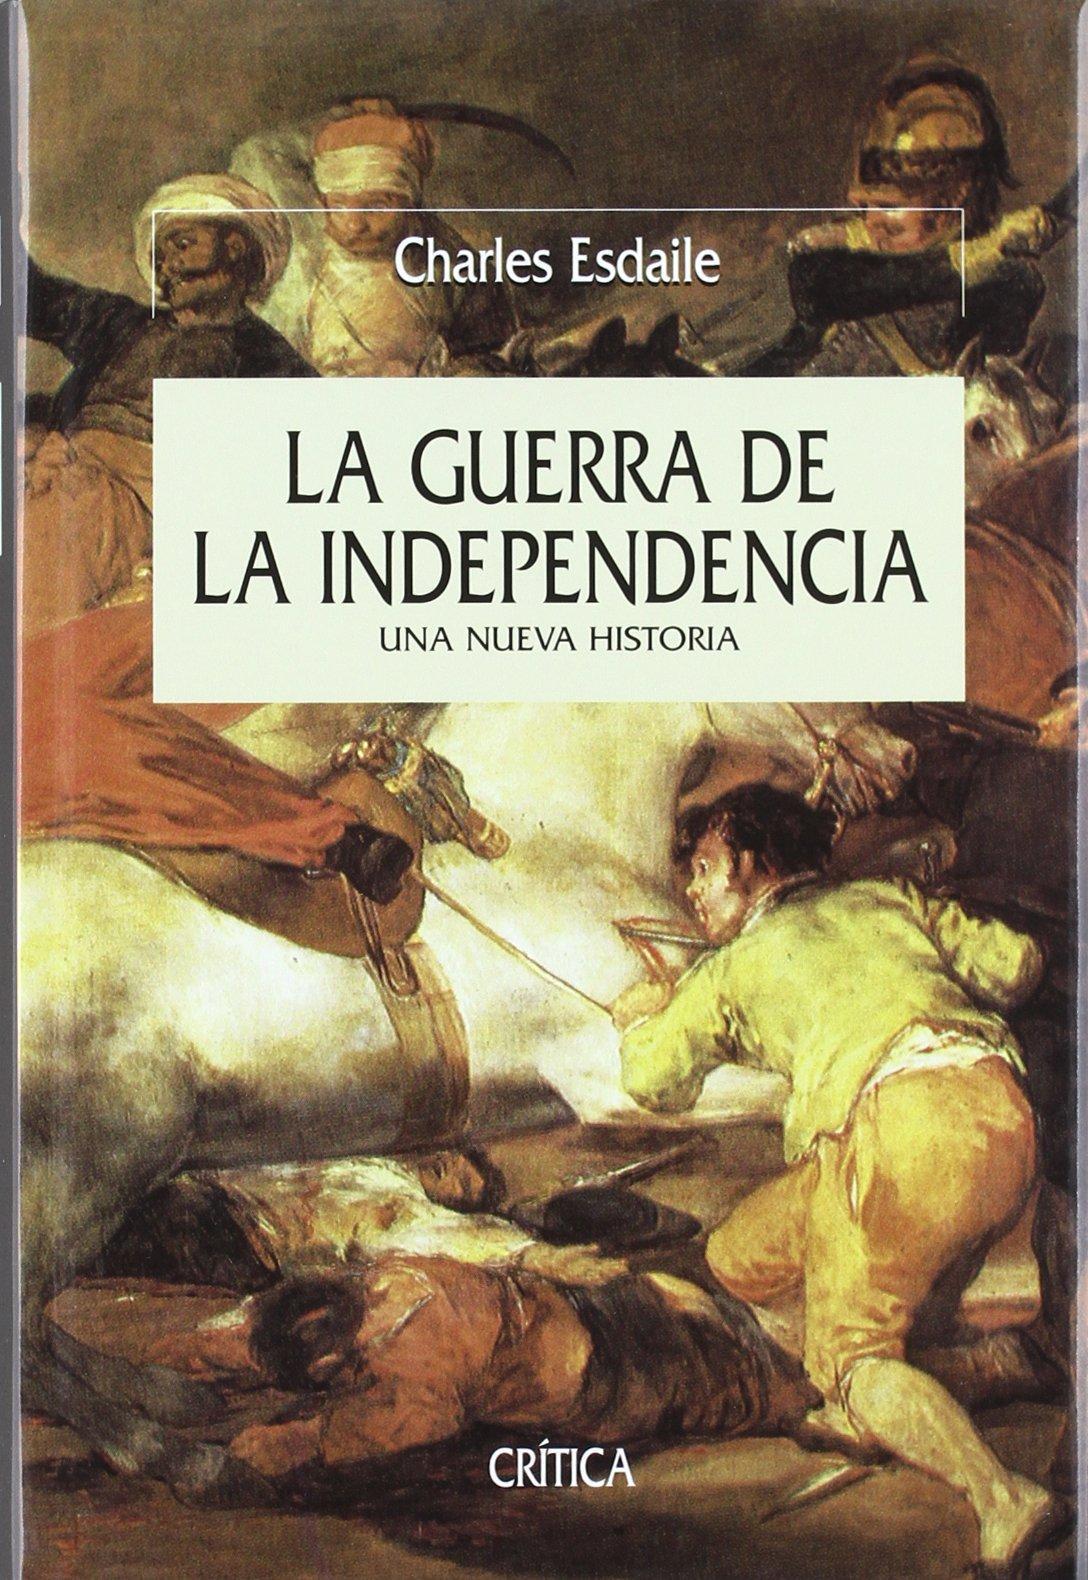 La guerra de la Independencia: una nueva historia. Charles Esdaile